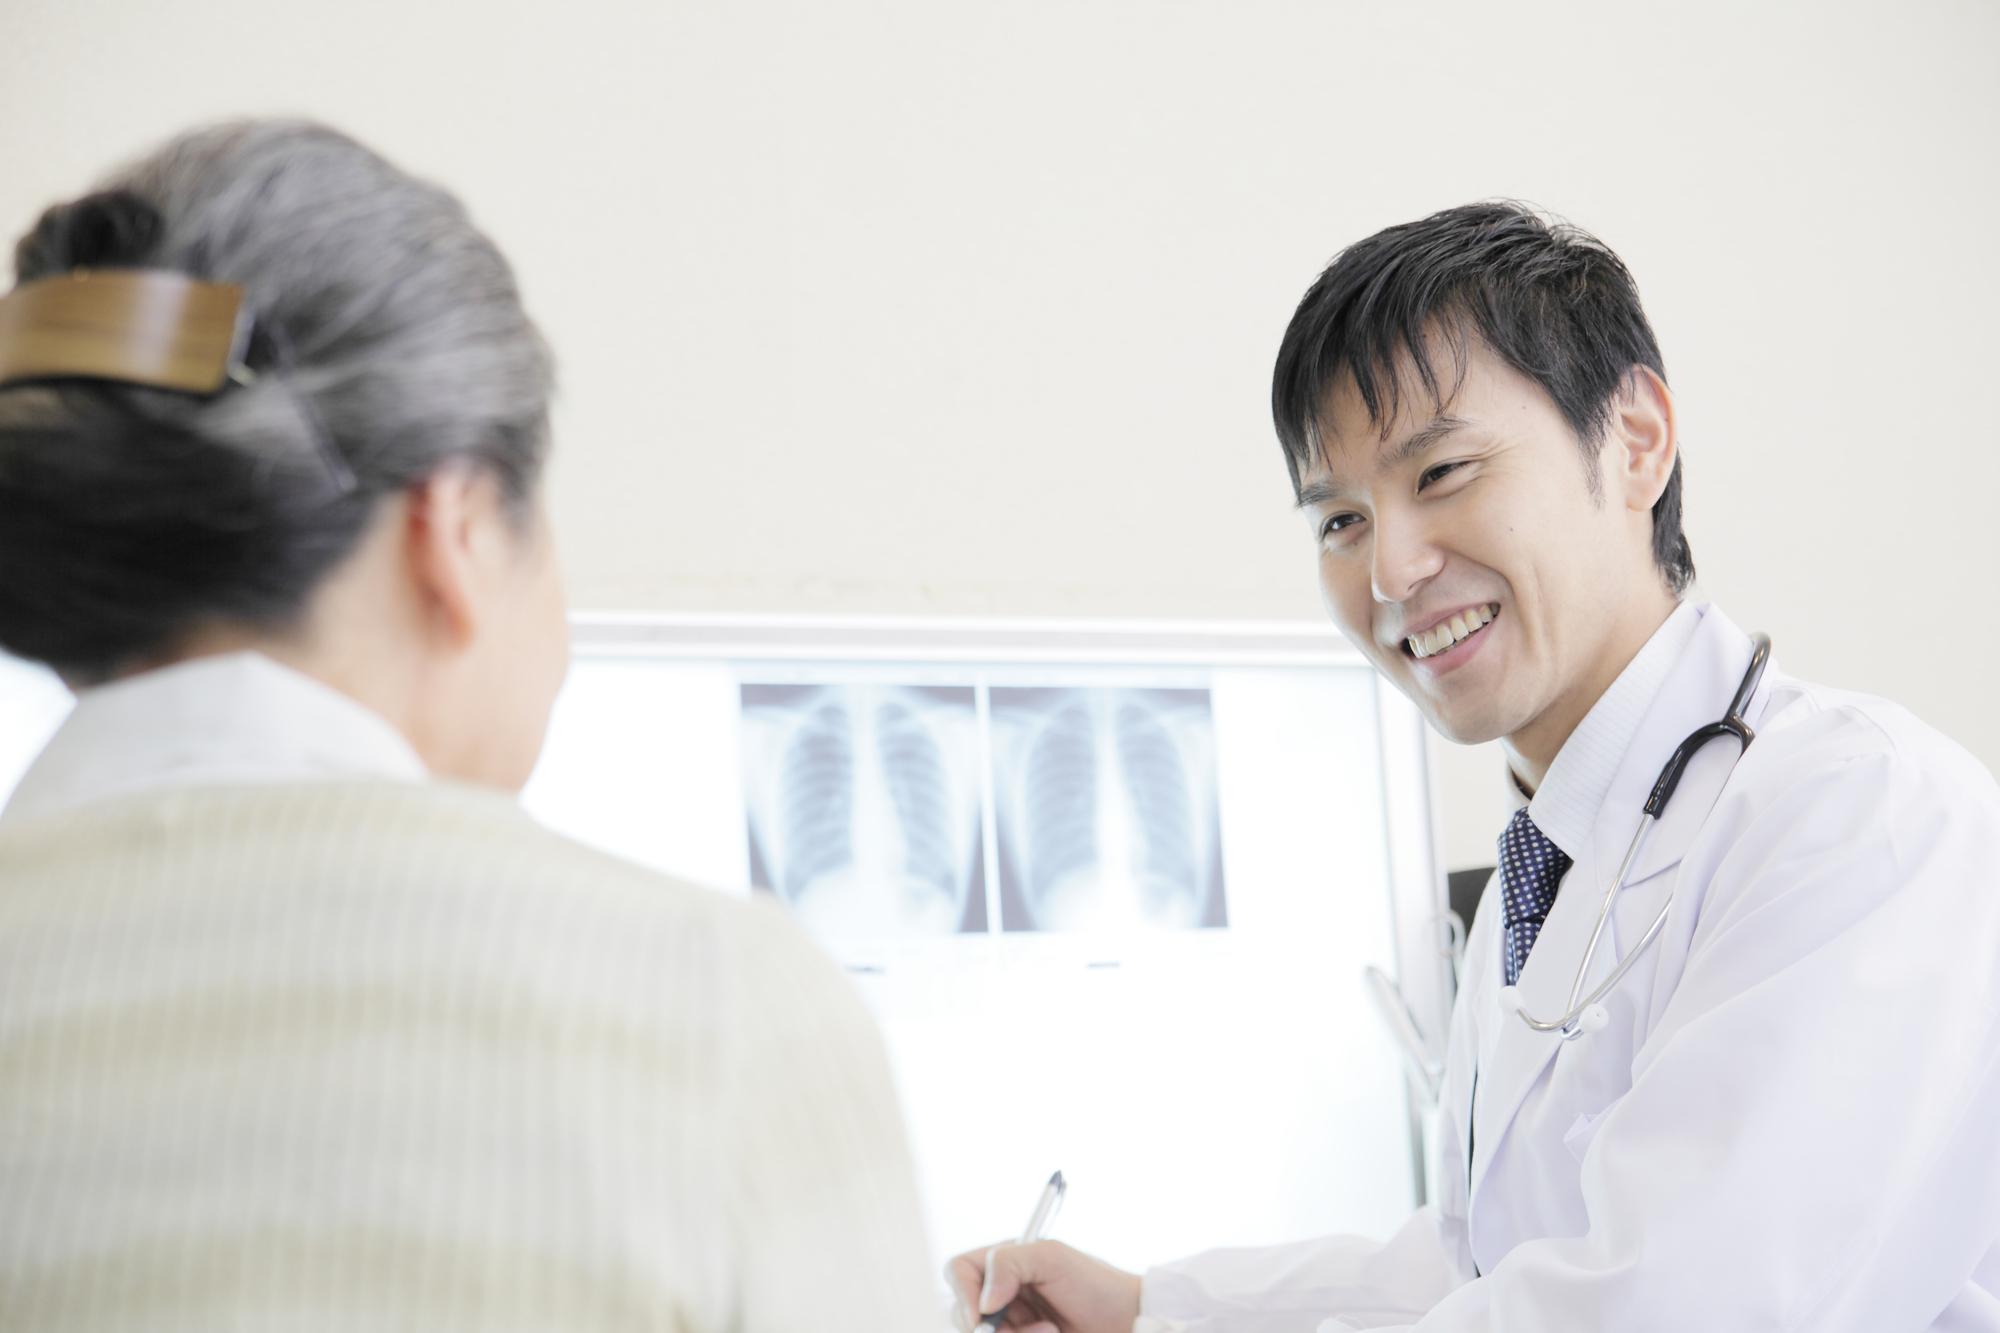 高齢者の医者離れが深刻化…医療費負担改定が、患者数の減少をもたらす!